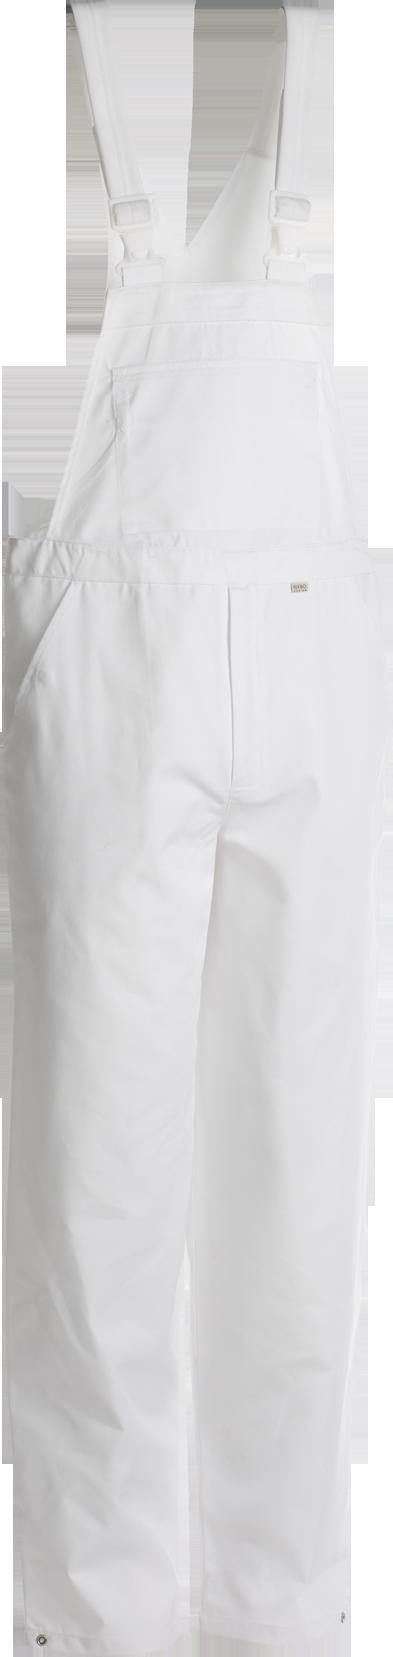 Overalls, HACCP (205105120) - NOOS